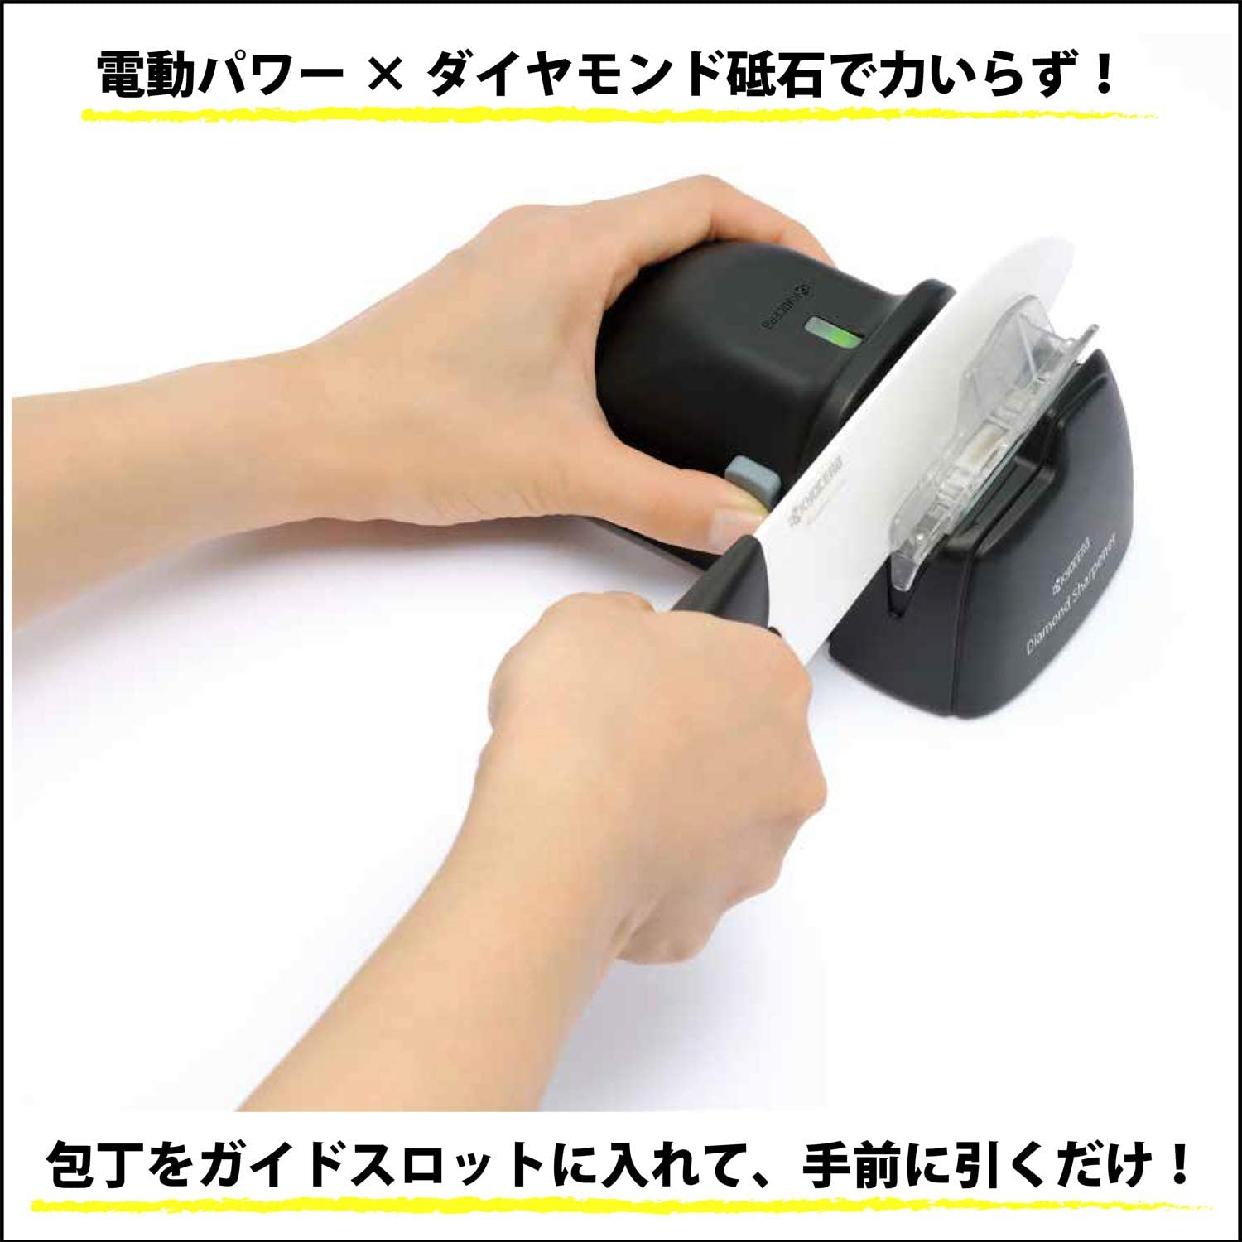 京セラ(キョウセラ)電動ダイヤモンドシャープナー DS-38の商品画像2